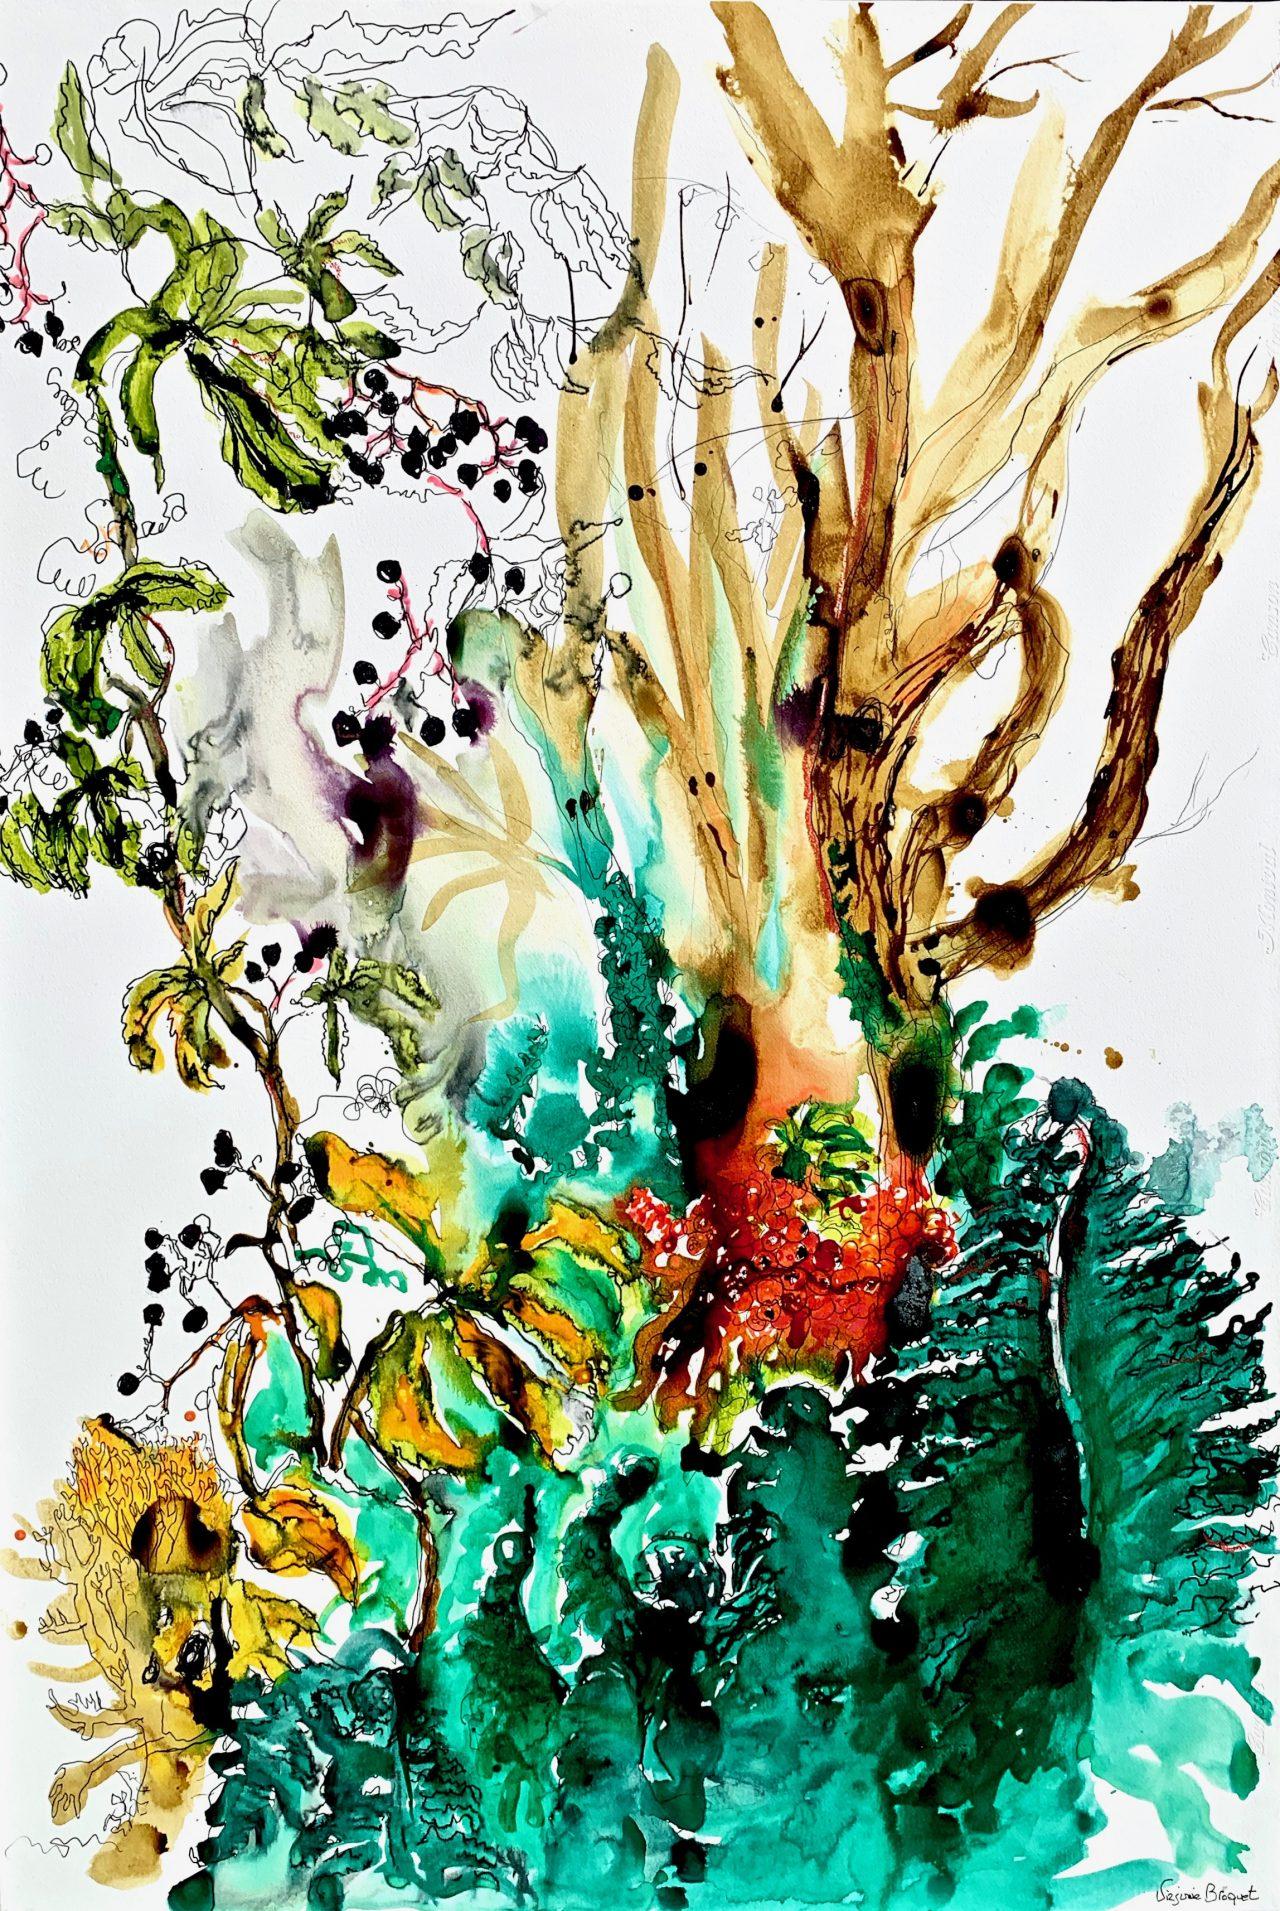 13, Composition d'automne vert, encre sur papier, 80x115cm, 2016